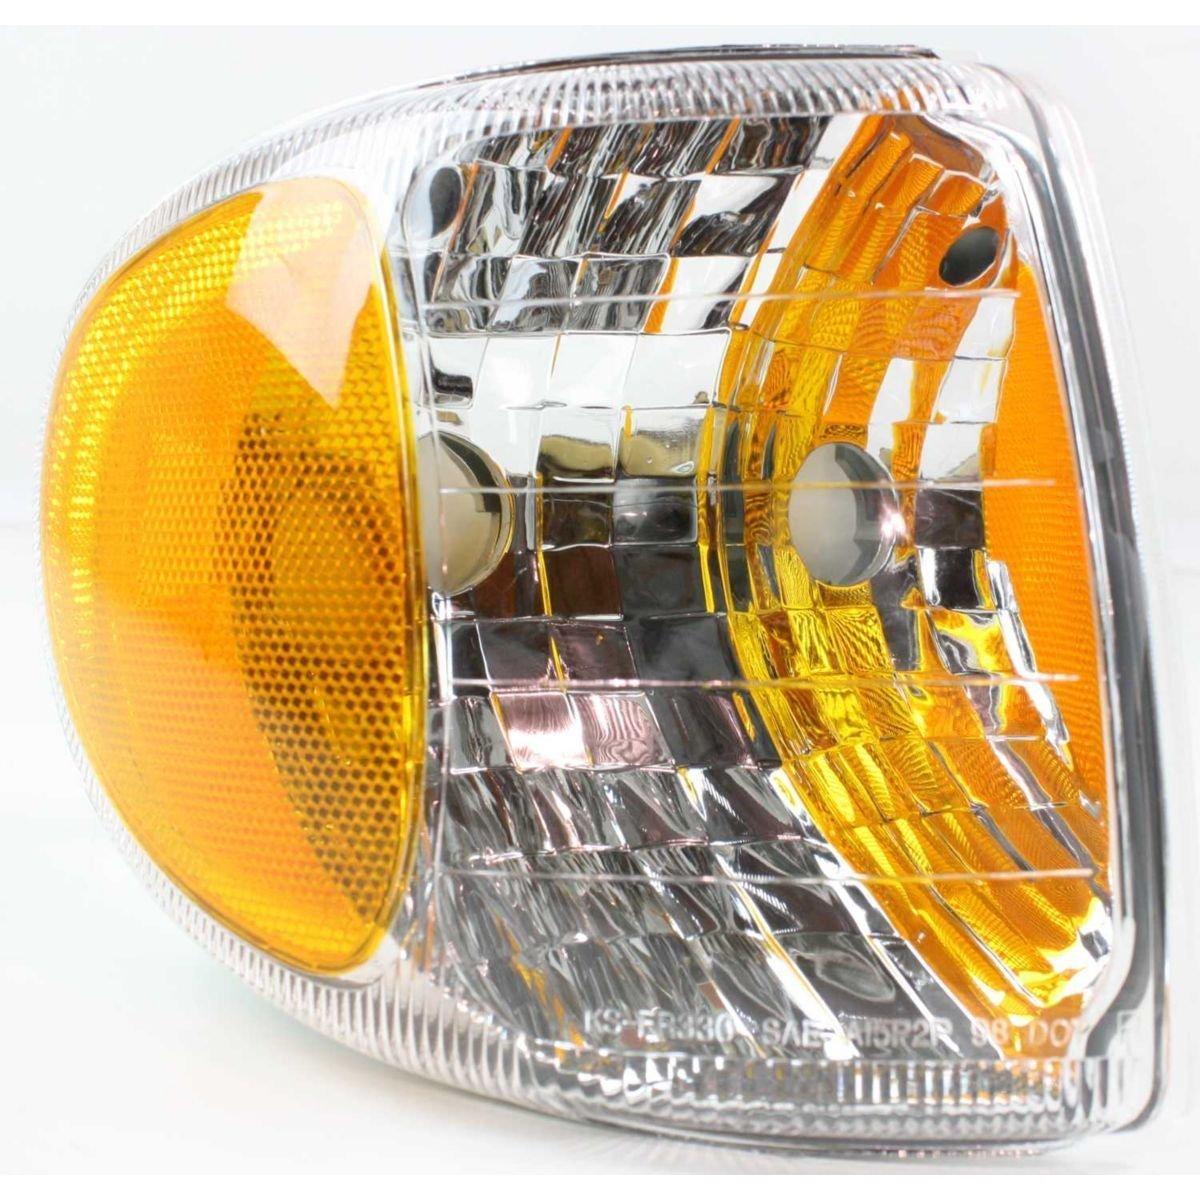 053//–/911 FTL 41283/ Front Fog Lamp